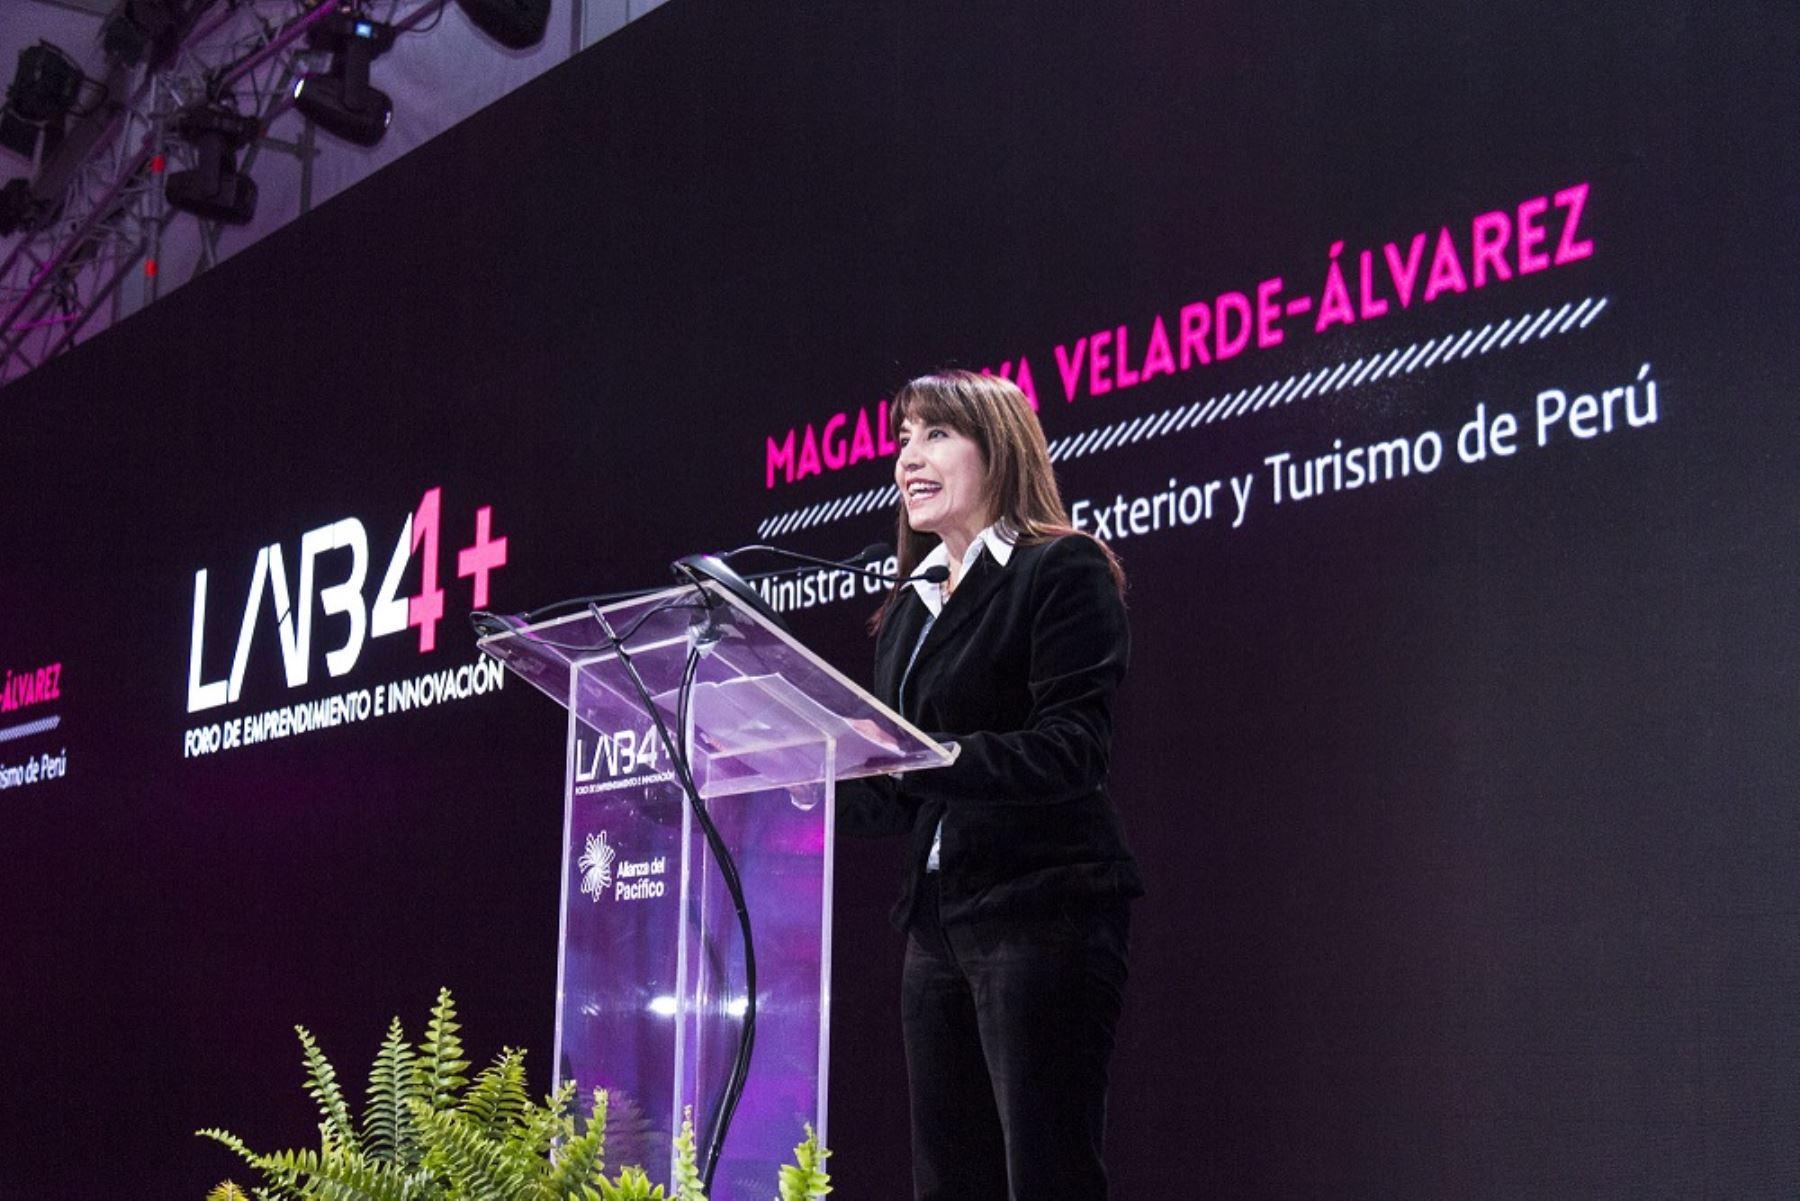 Ministra Magali Silva: Cuarta edición del Foro de Emprendimiento e Innovación de la Alianza del Pacífico LAB4+ generó US$ 26 millones en compromisos de negocios.